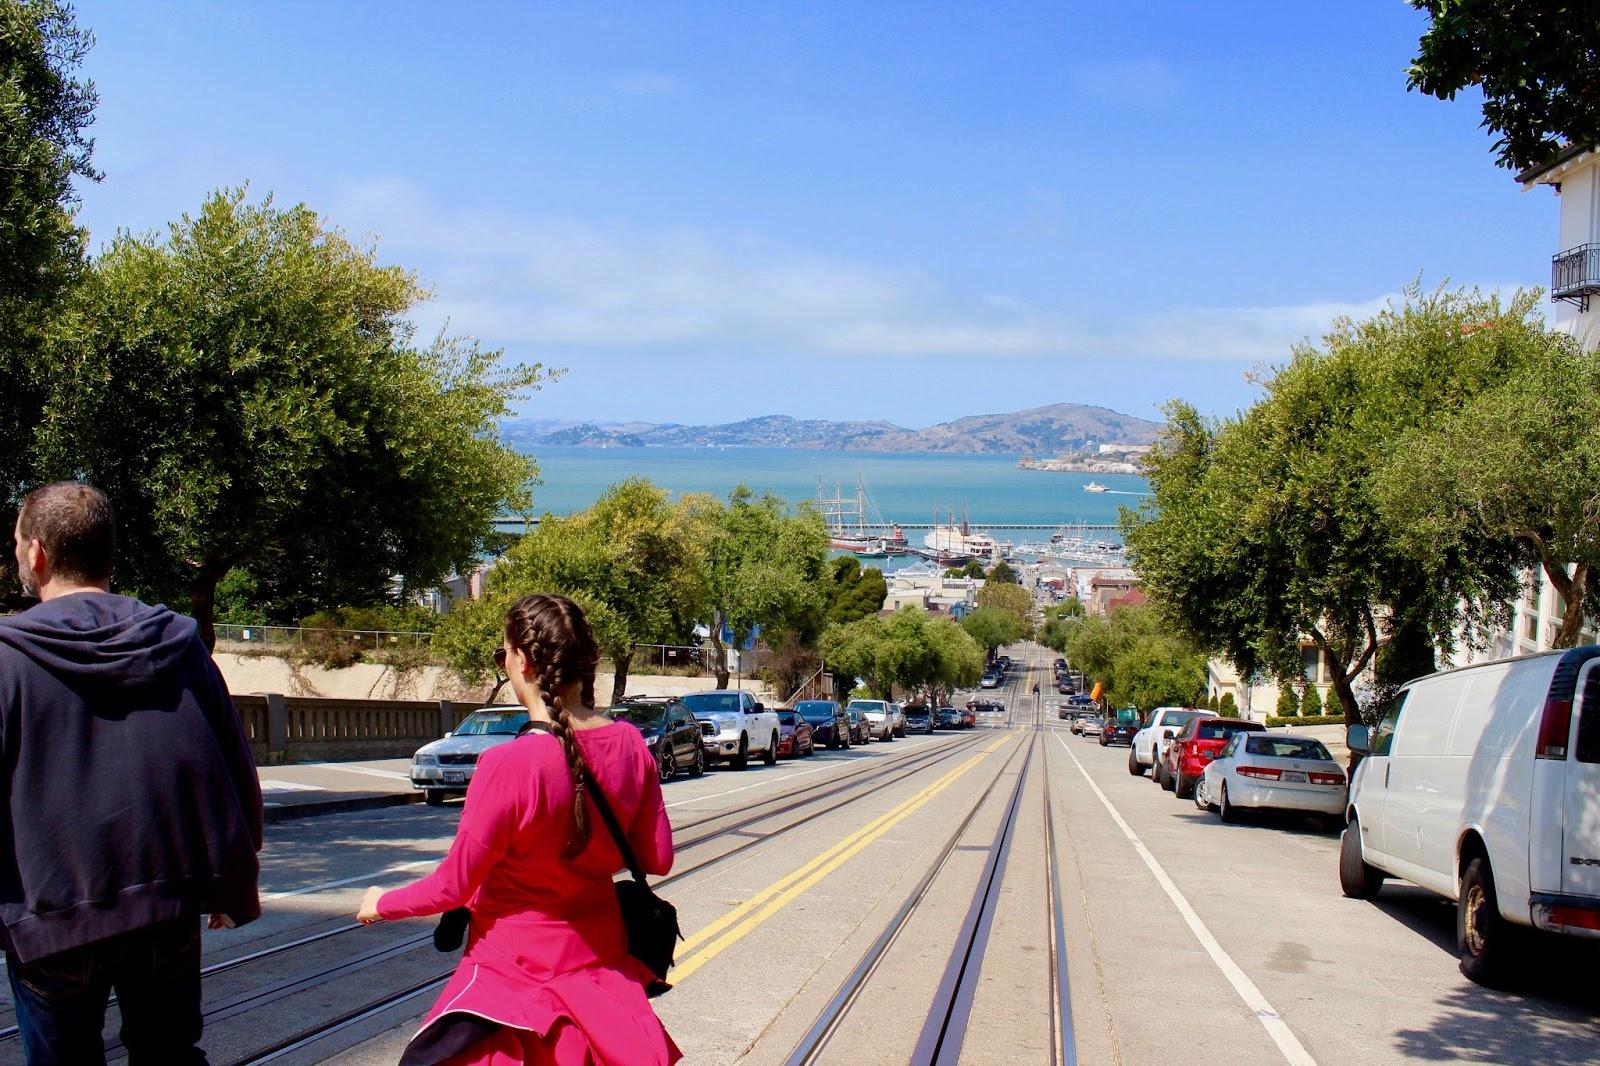 San-Francisco-harbour